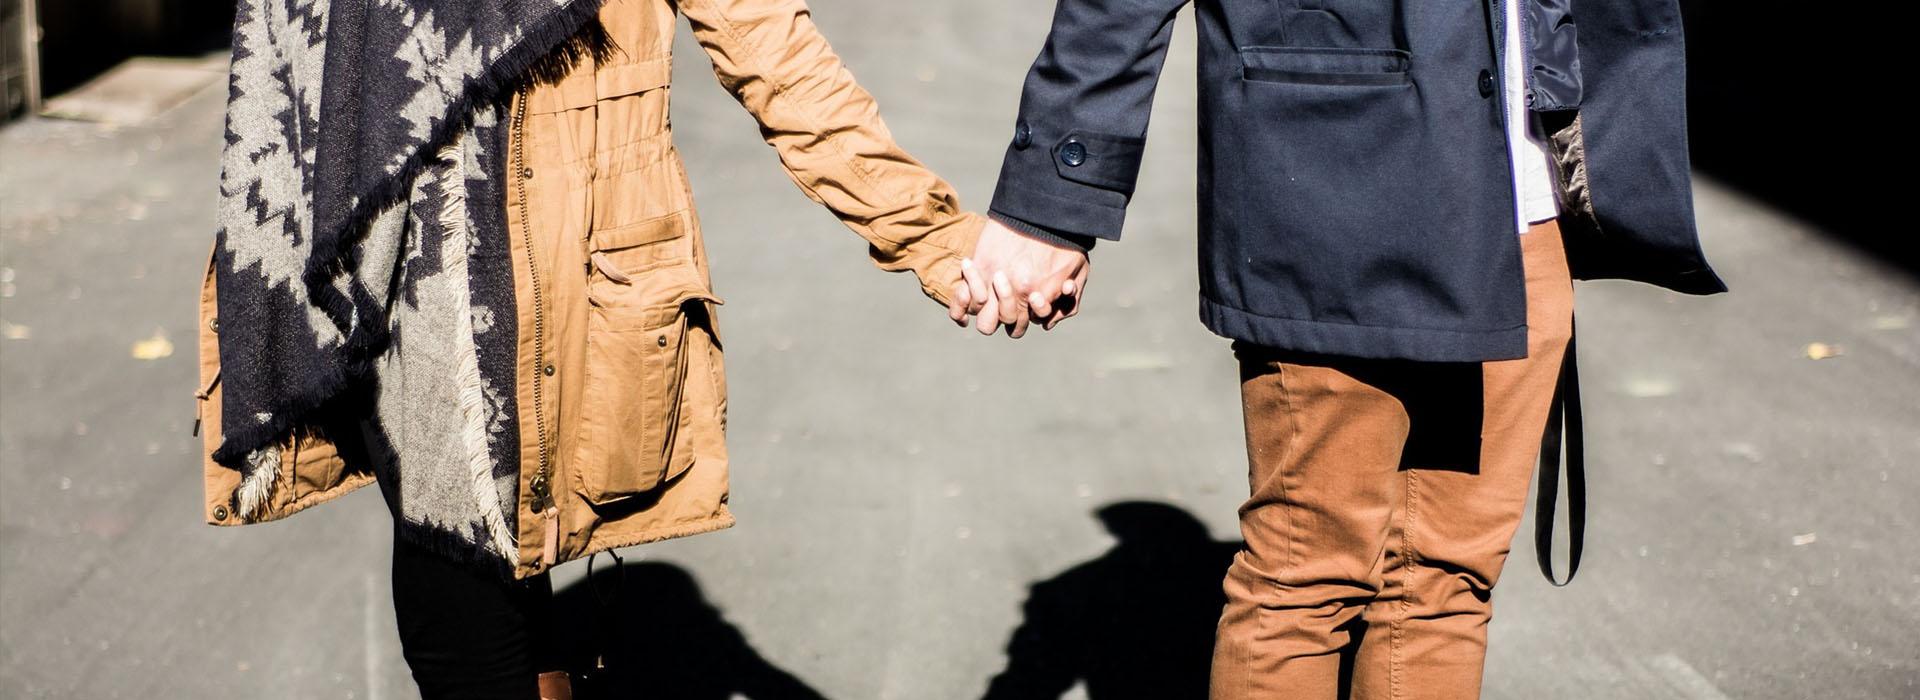 couple_af3